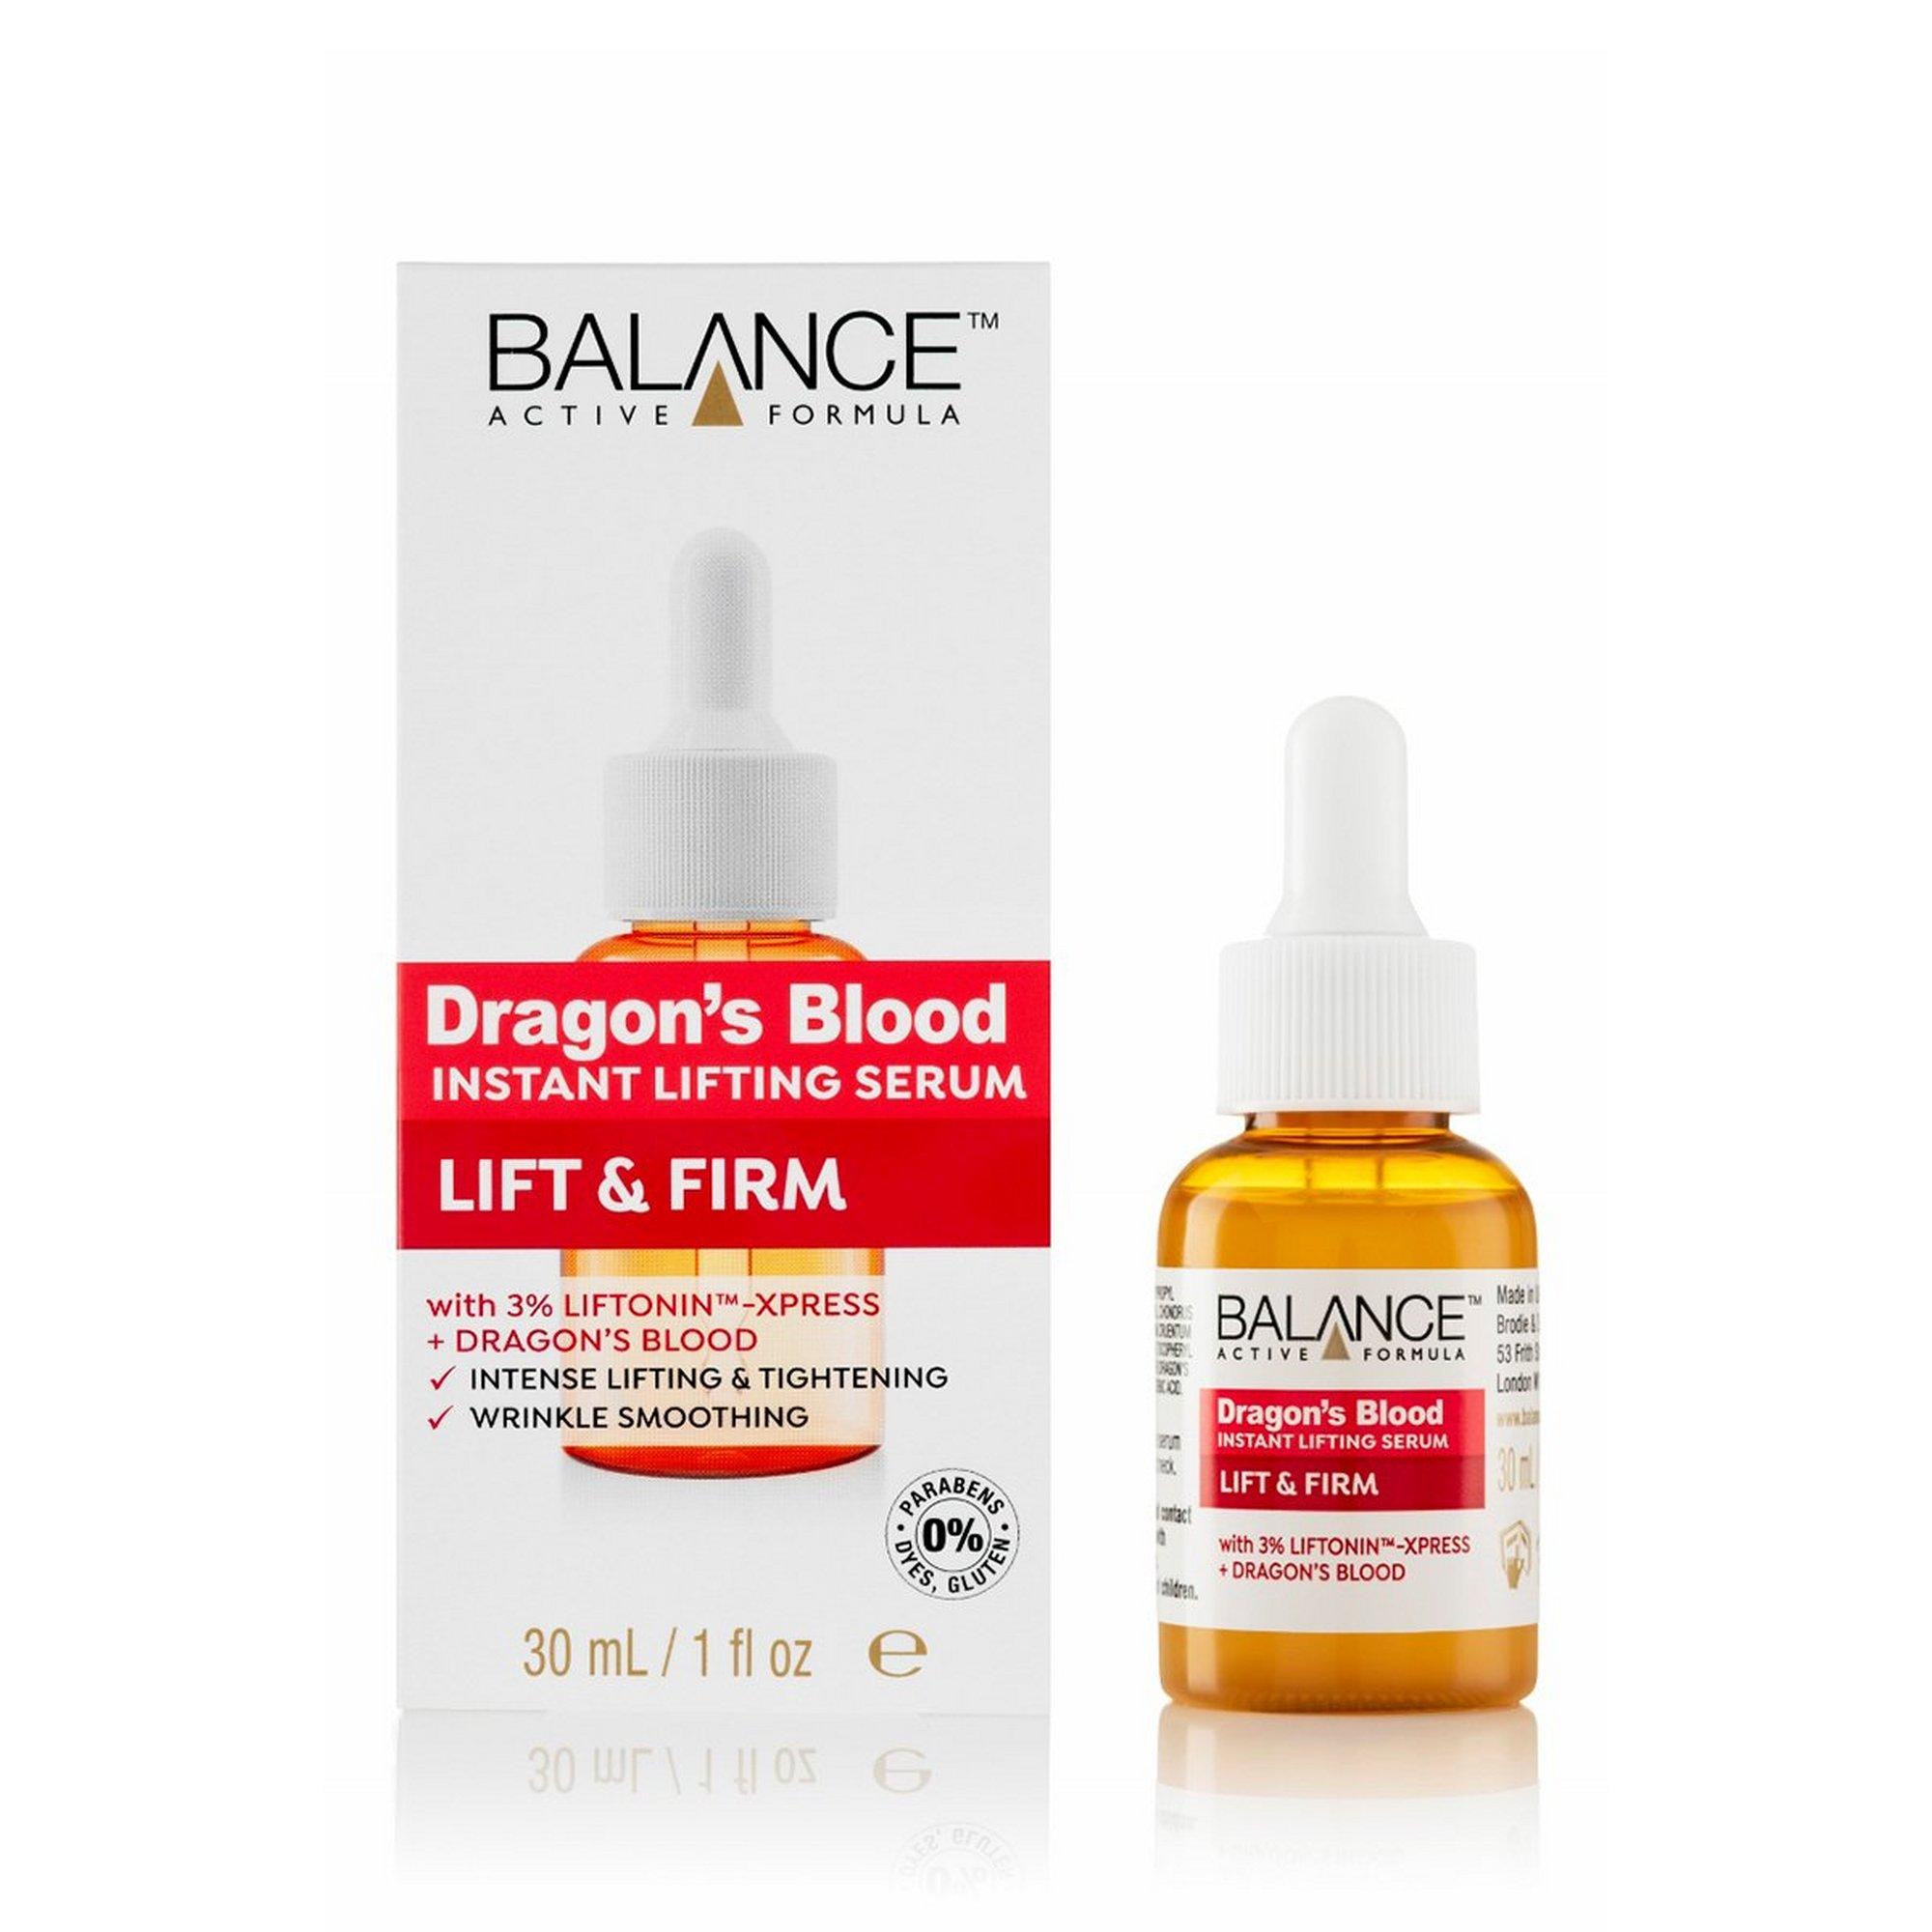 Image of Balance Dragons Blood Face Serum